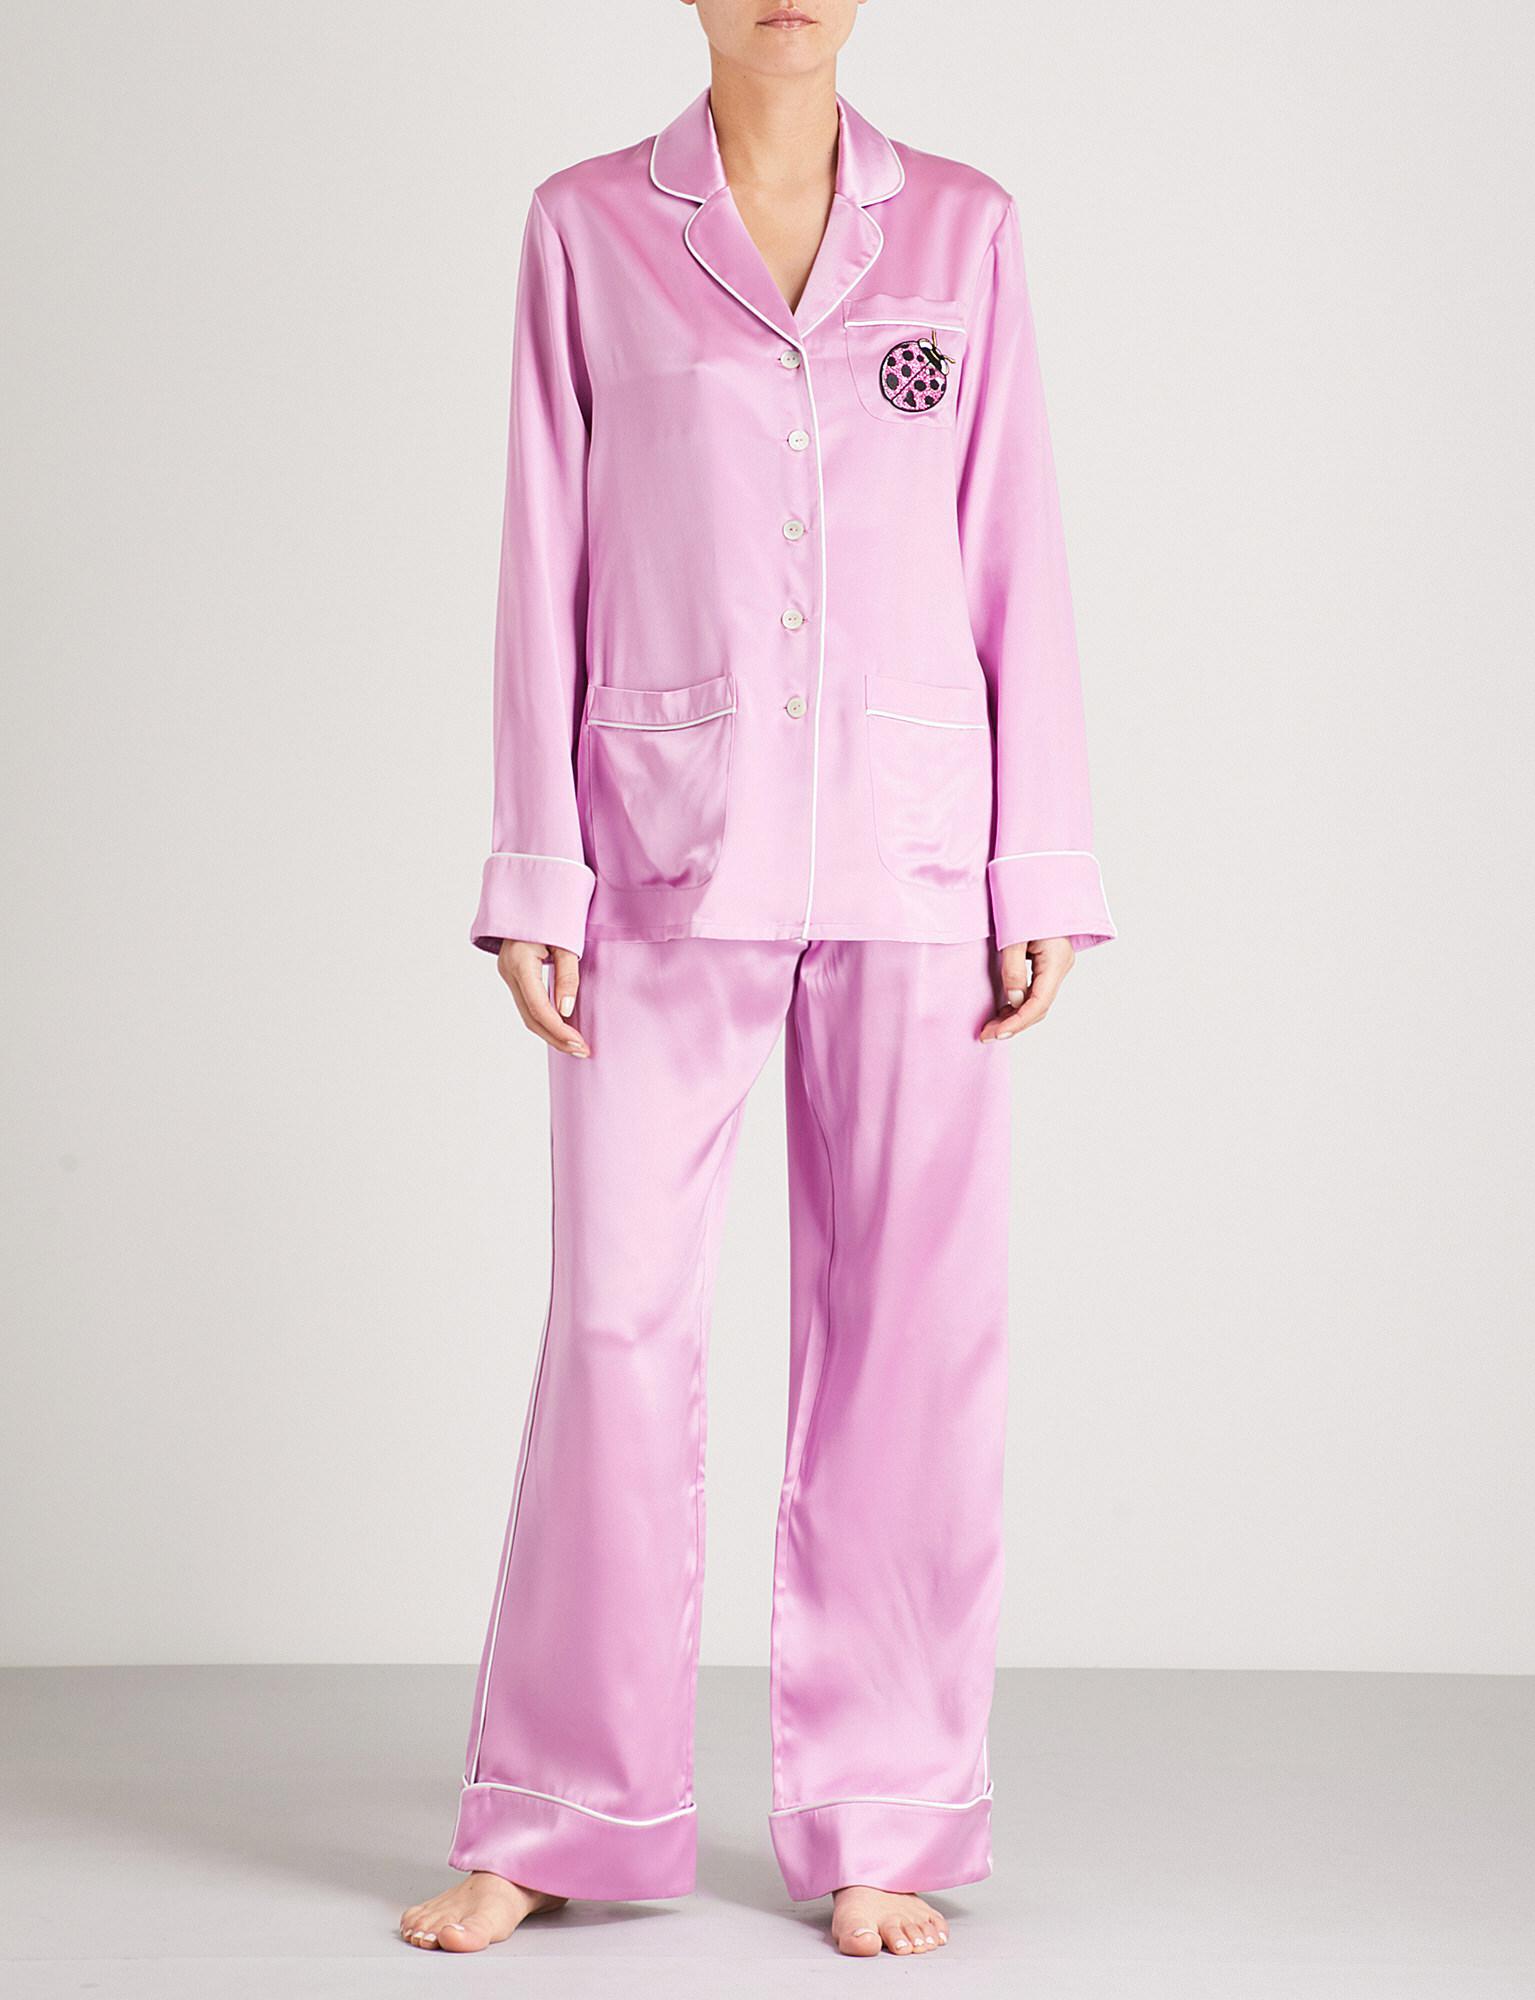 Olivia Von Halle Coco Shirley Silk-satin Pyjama Set in Pink - Lyst 23938e9d8